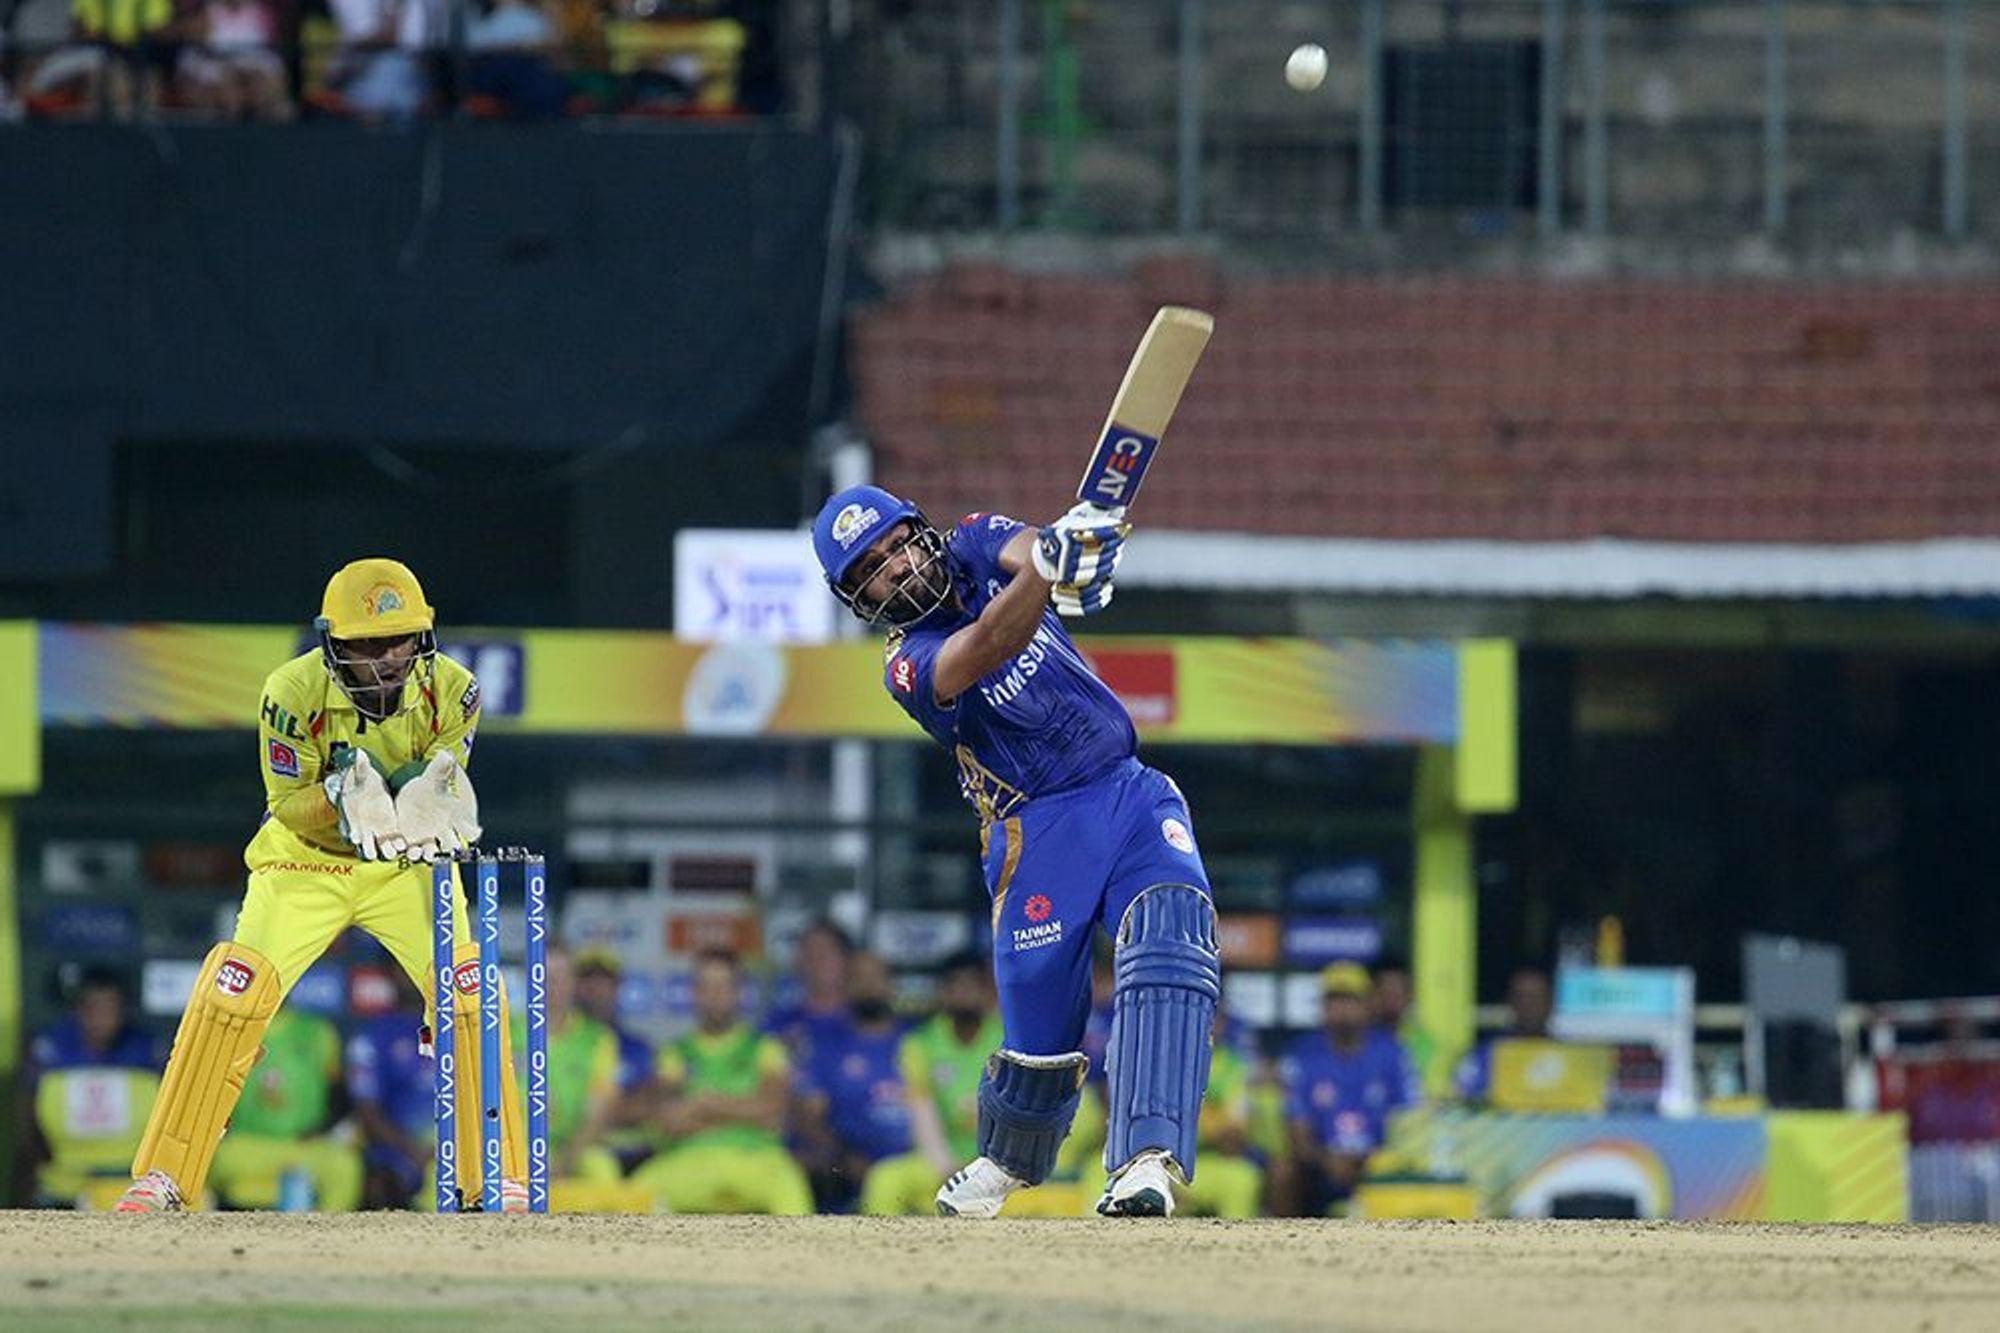 CSKvsMI: रोहित शर्मा की ट्विटर पर धूम, जमकर उड़ा इस खिलाड़ी का मजाक